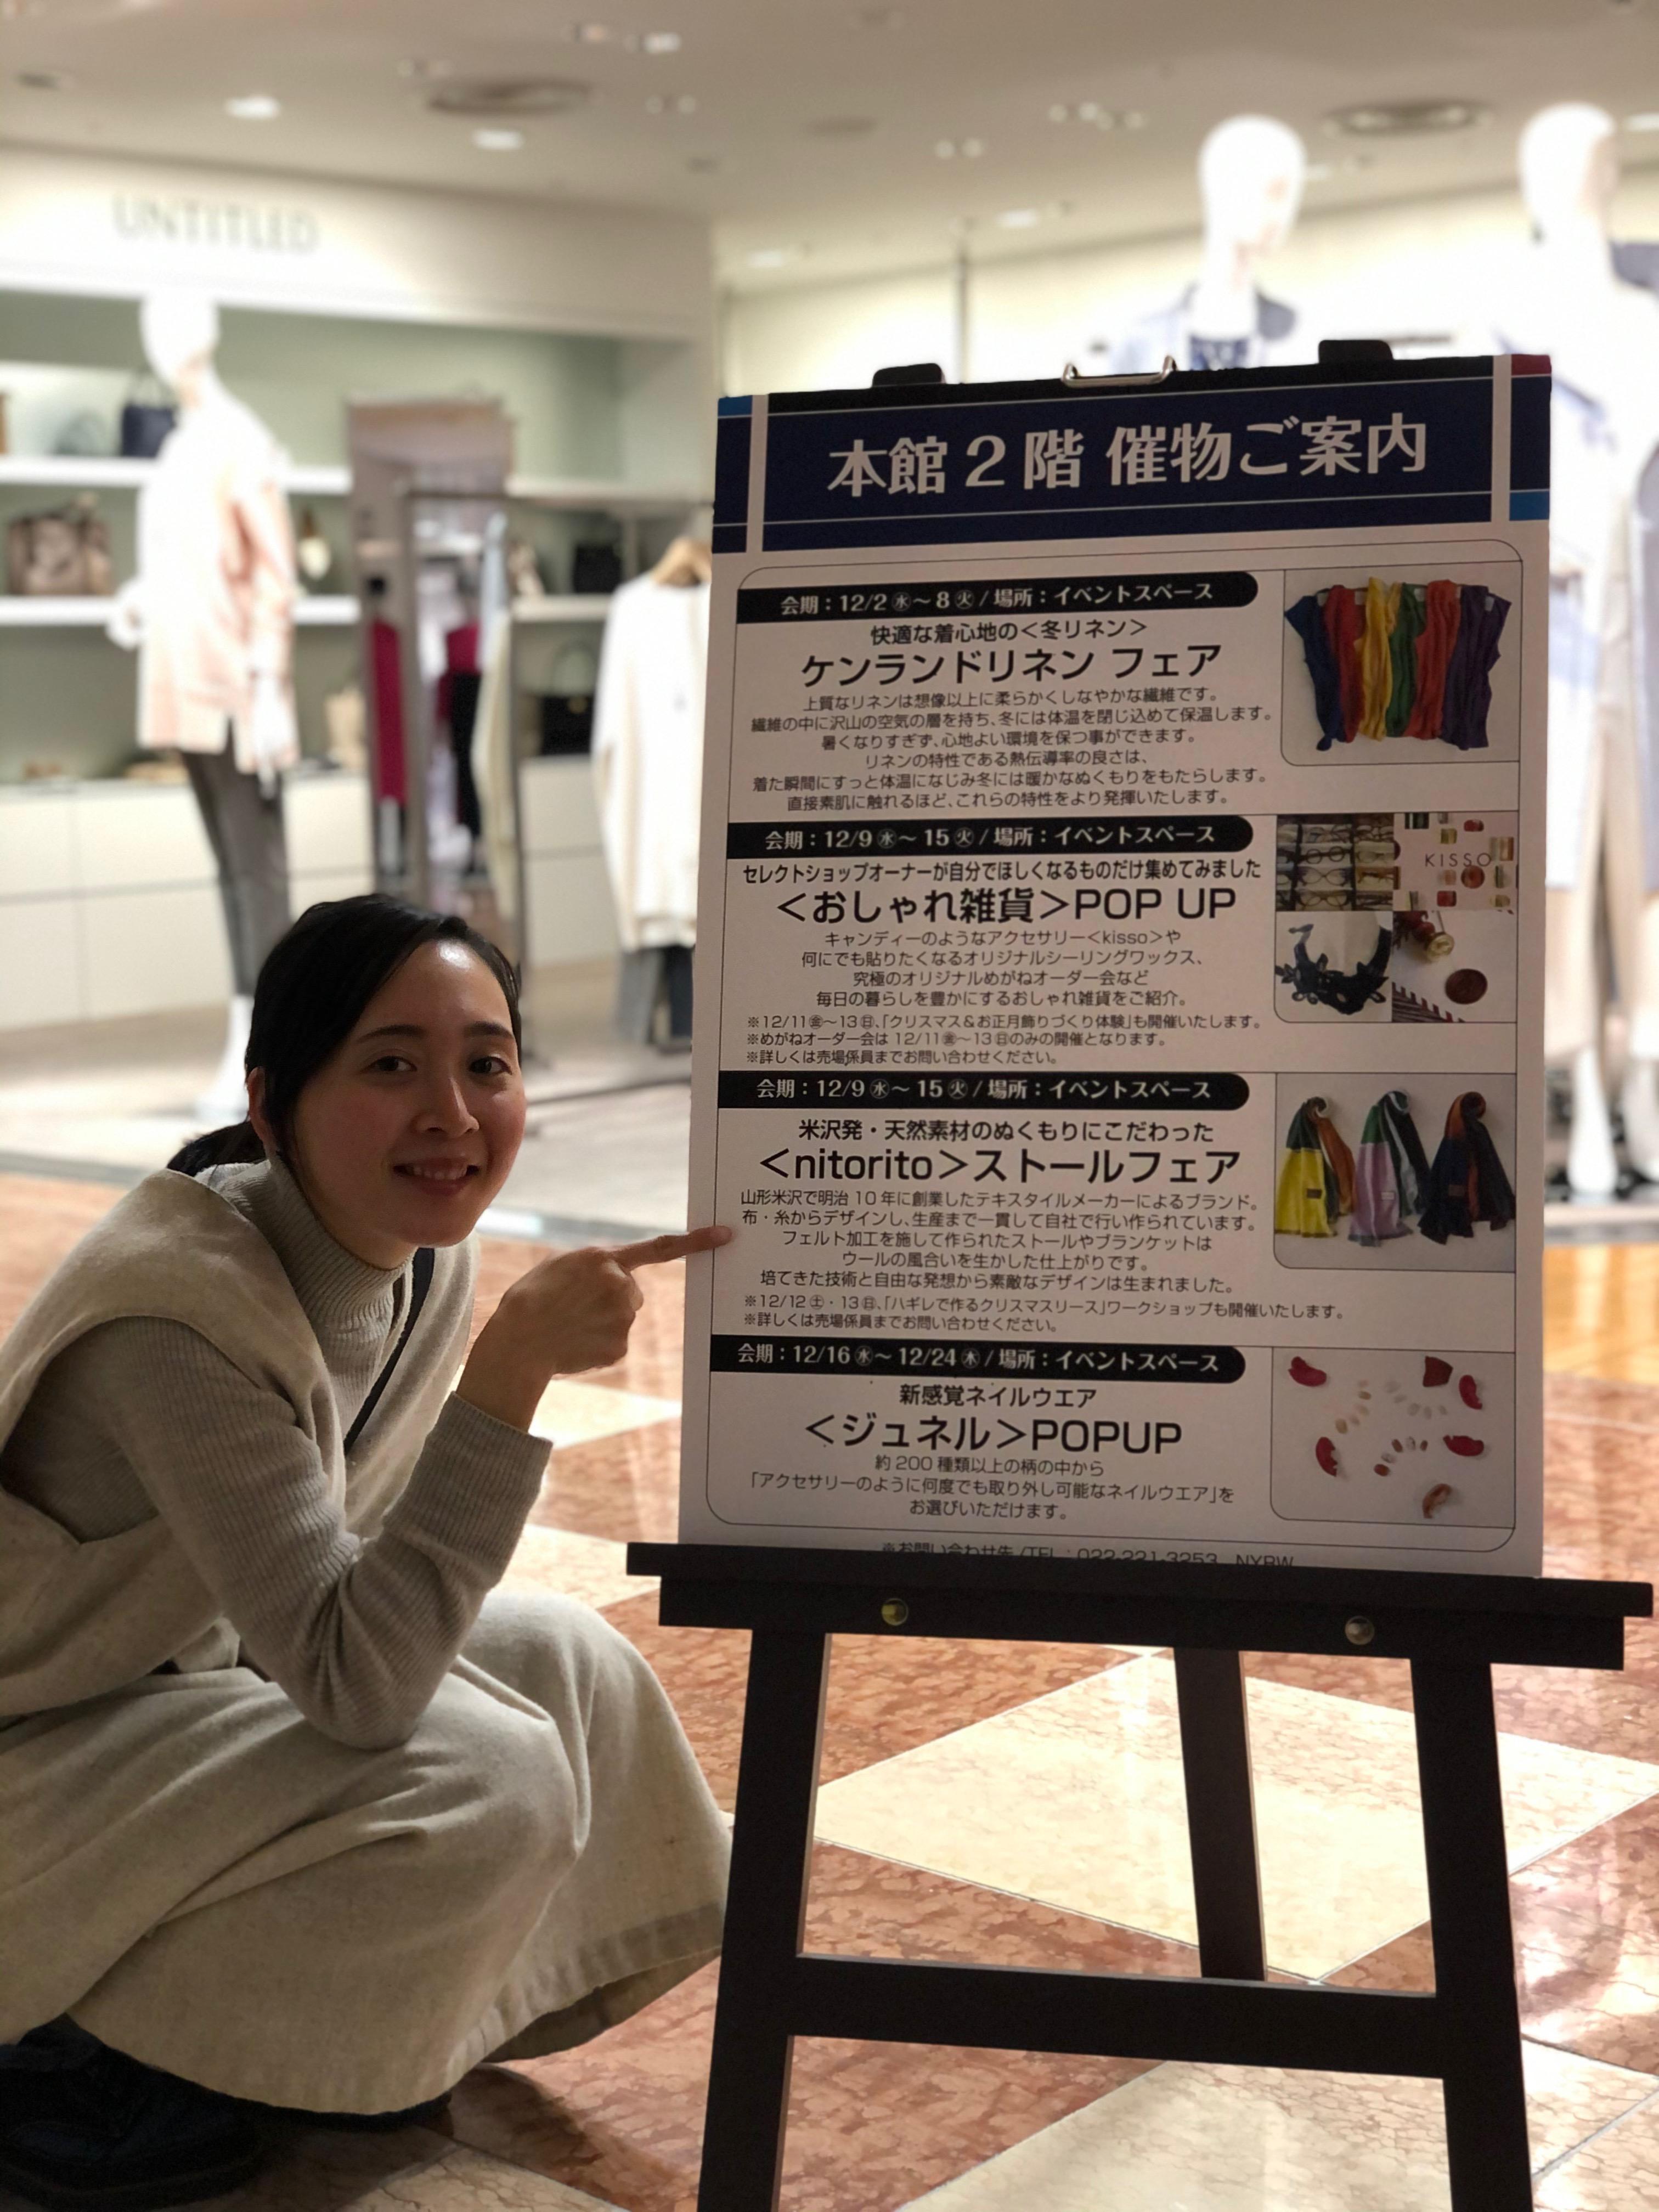 仙台三越 ワークショップ🎄    popup 2階エレベータ前